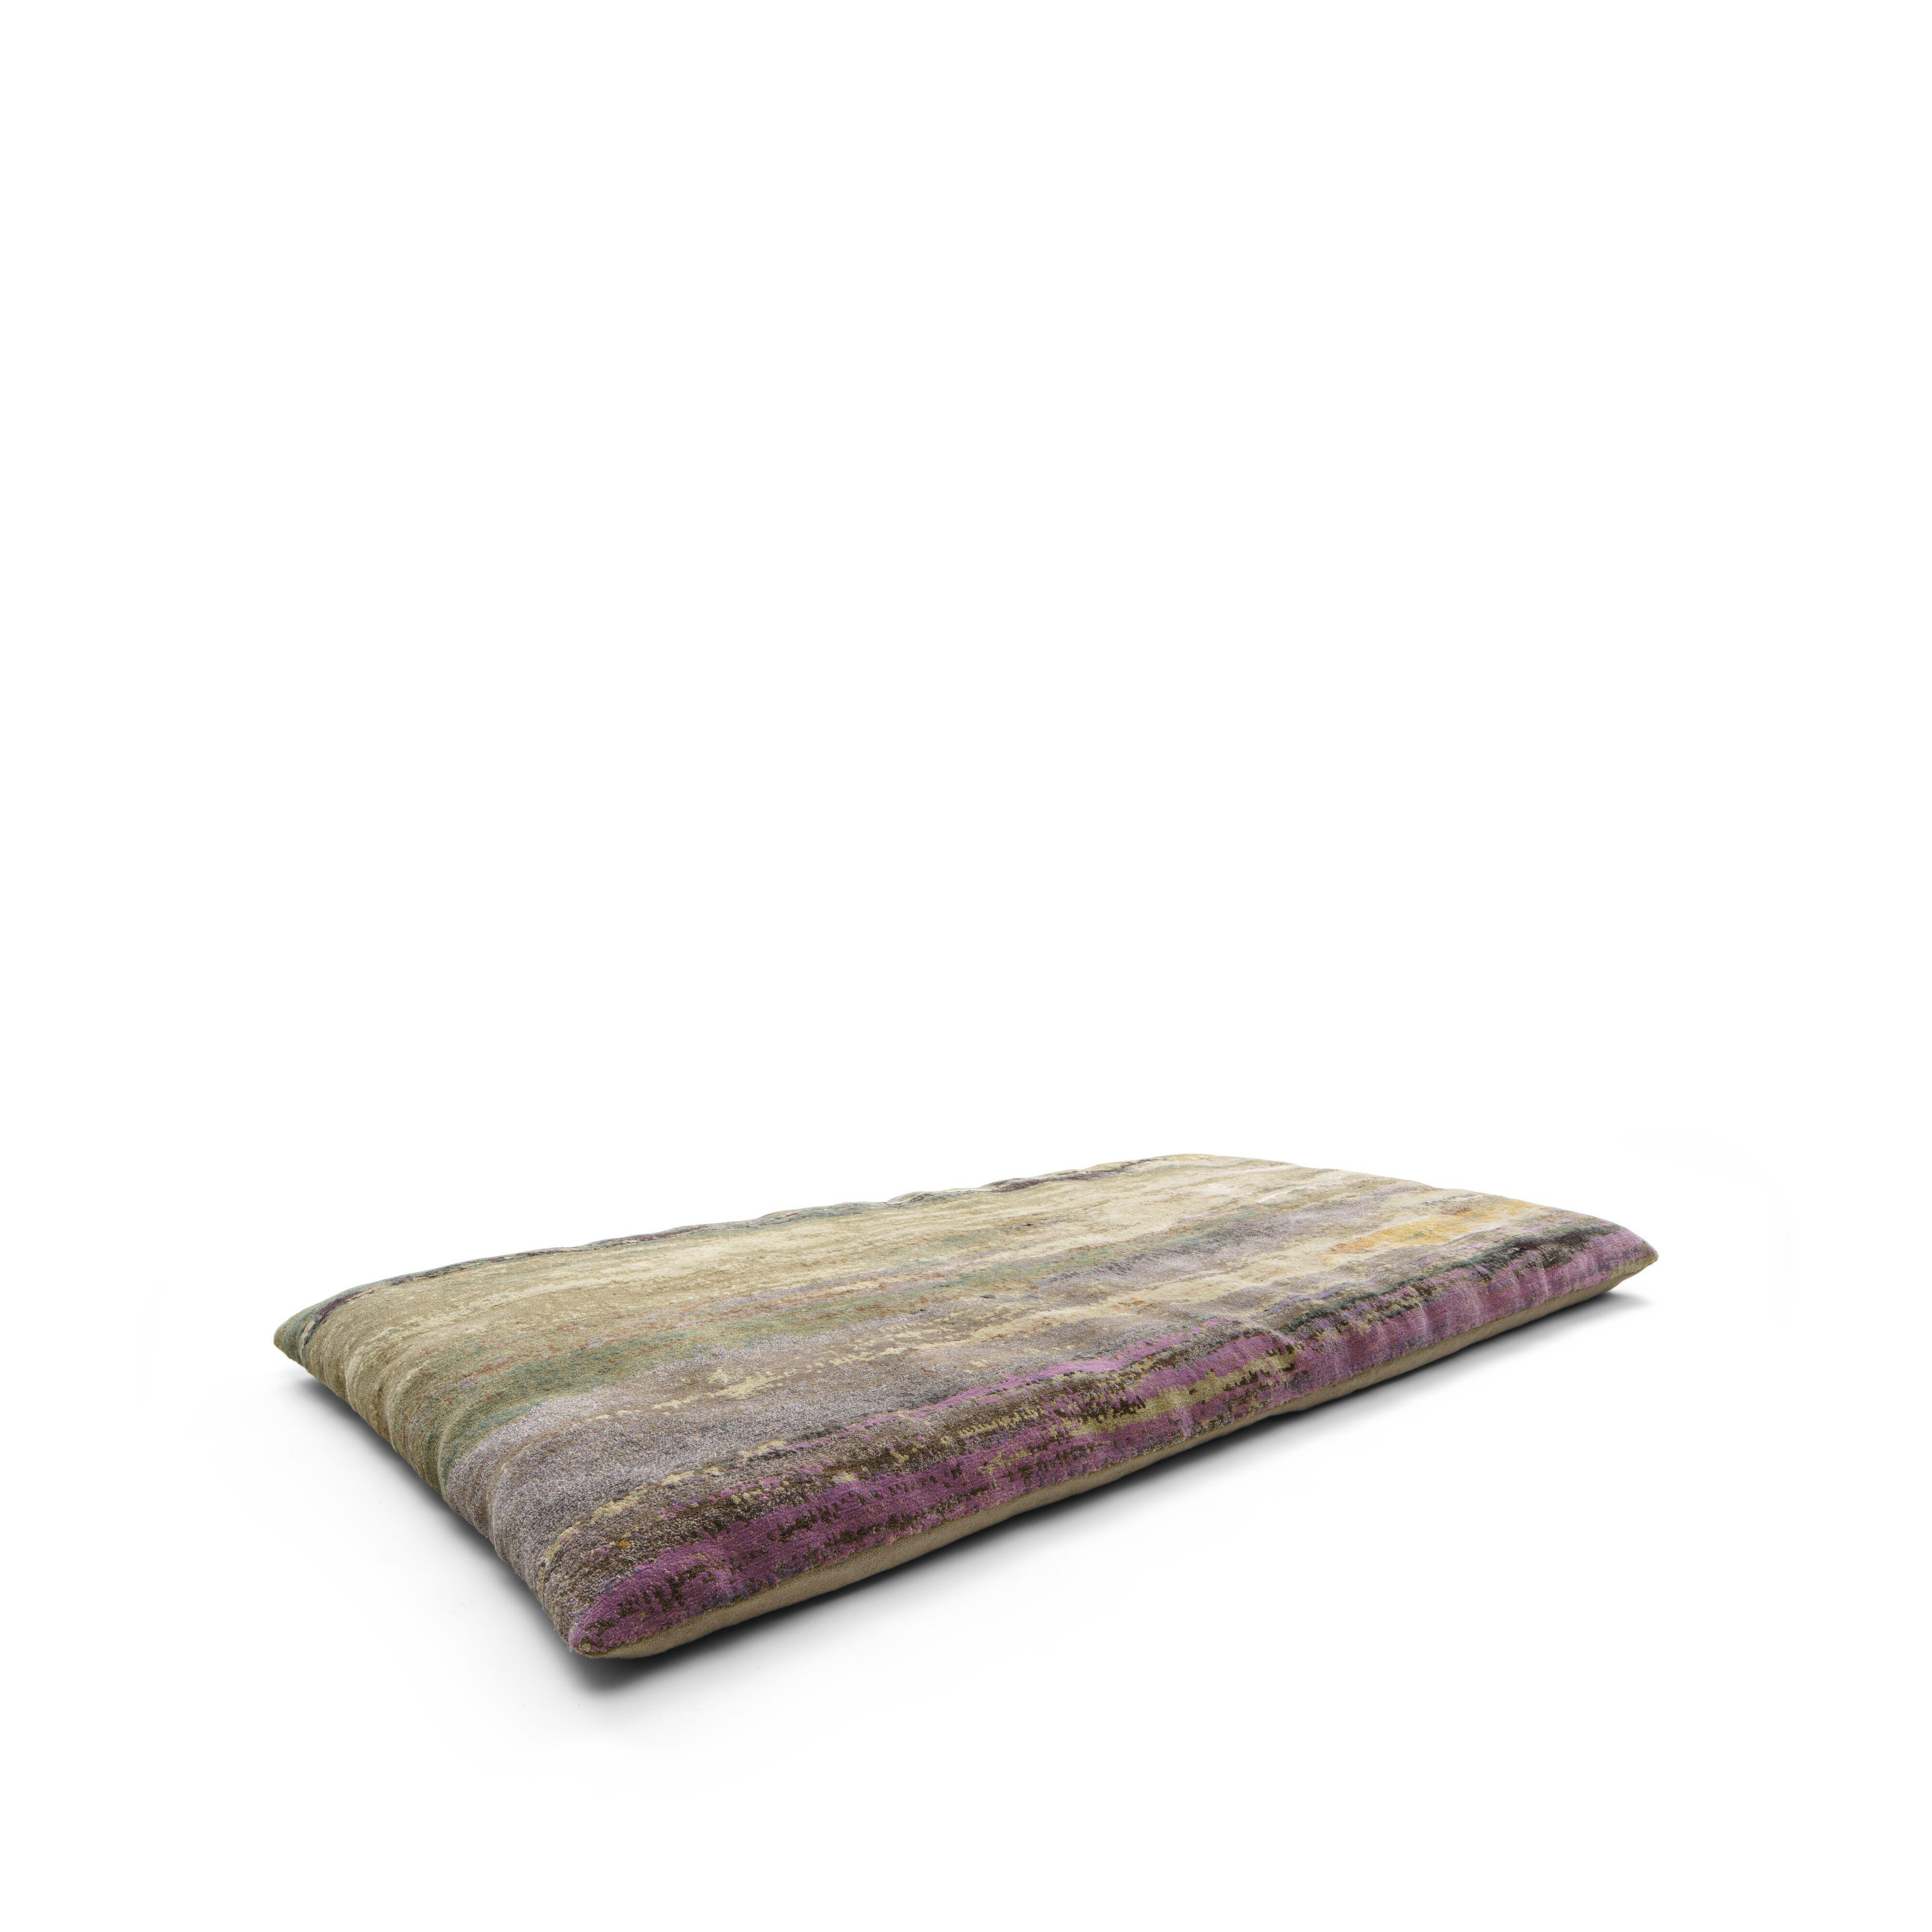 WK-Badawi-Pillows-Yungiyungi-1x2-0003-H.tif